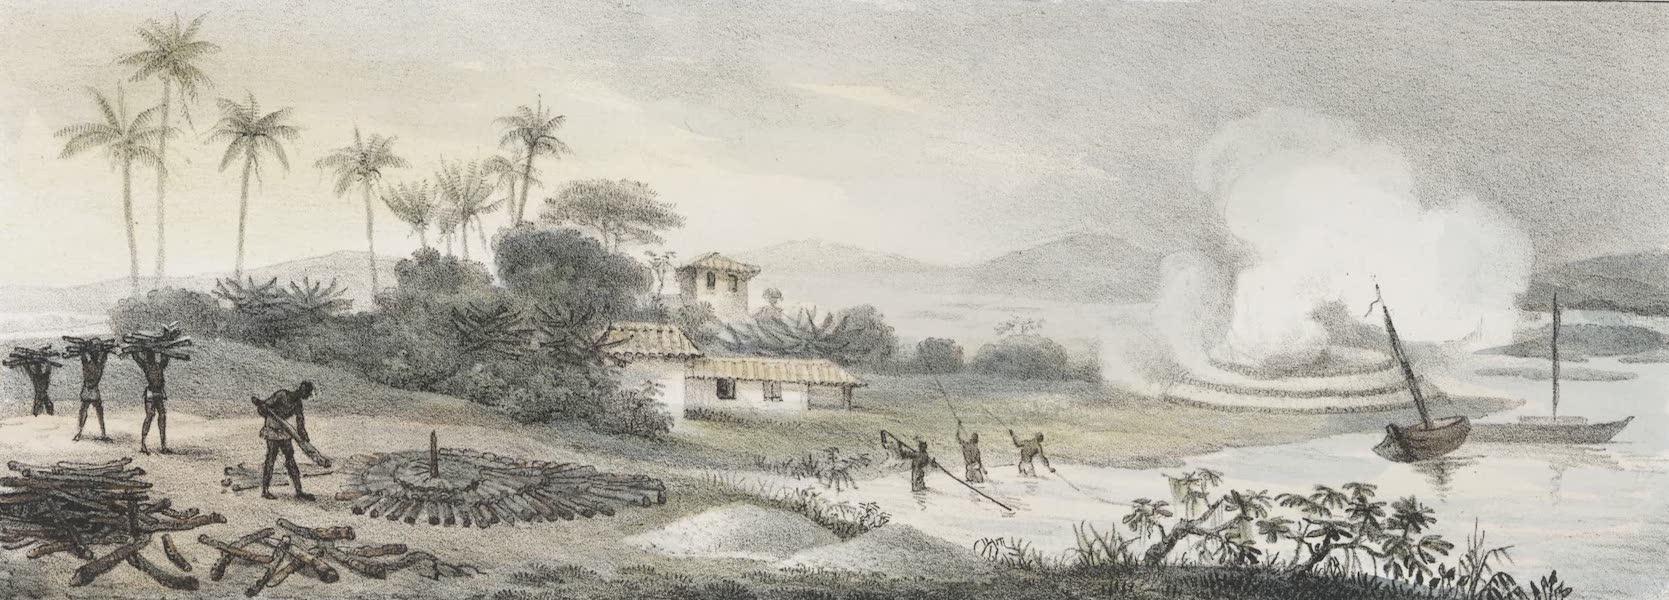 Voyage Pittoresque et Historique au Bresil Vol. 2 - Fours a Chaux (1835)